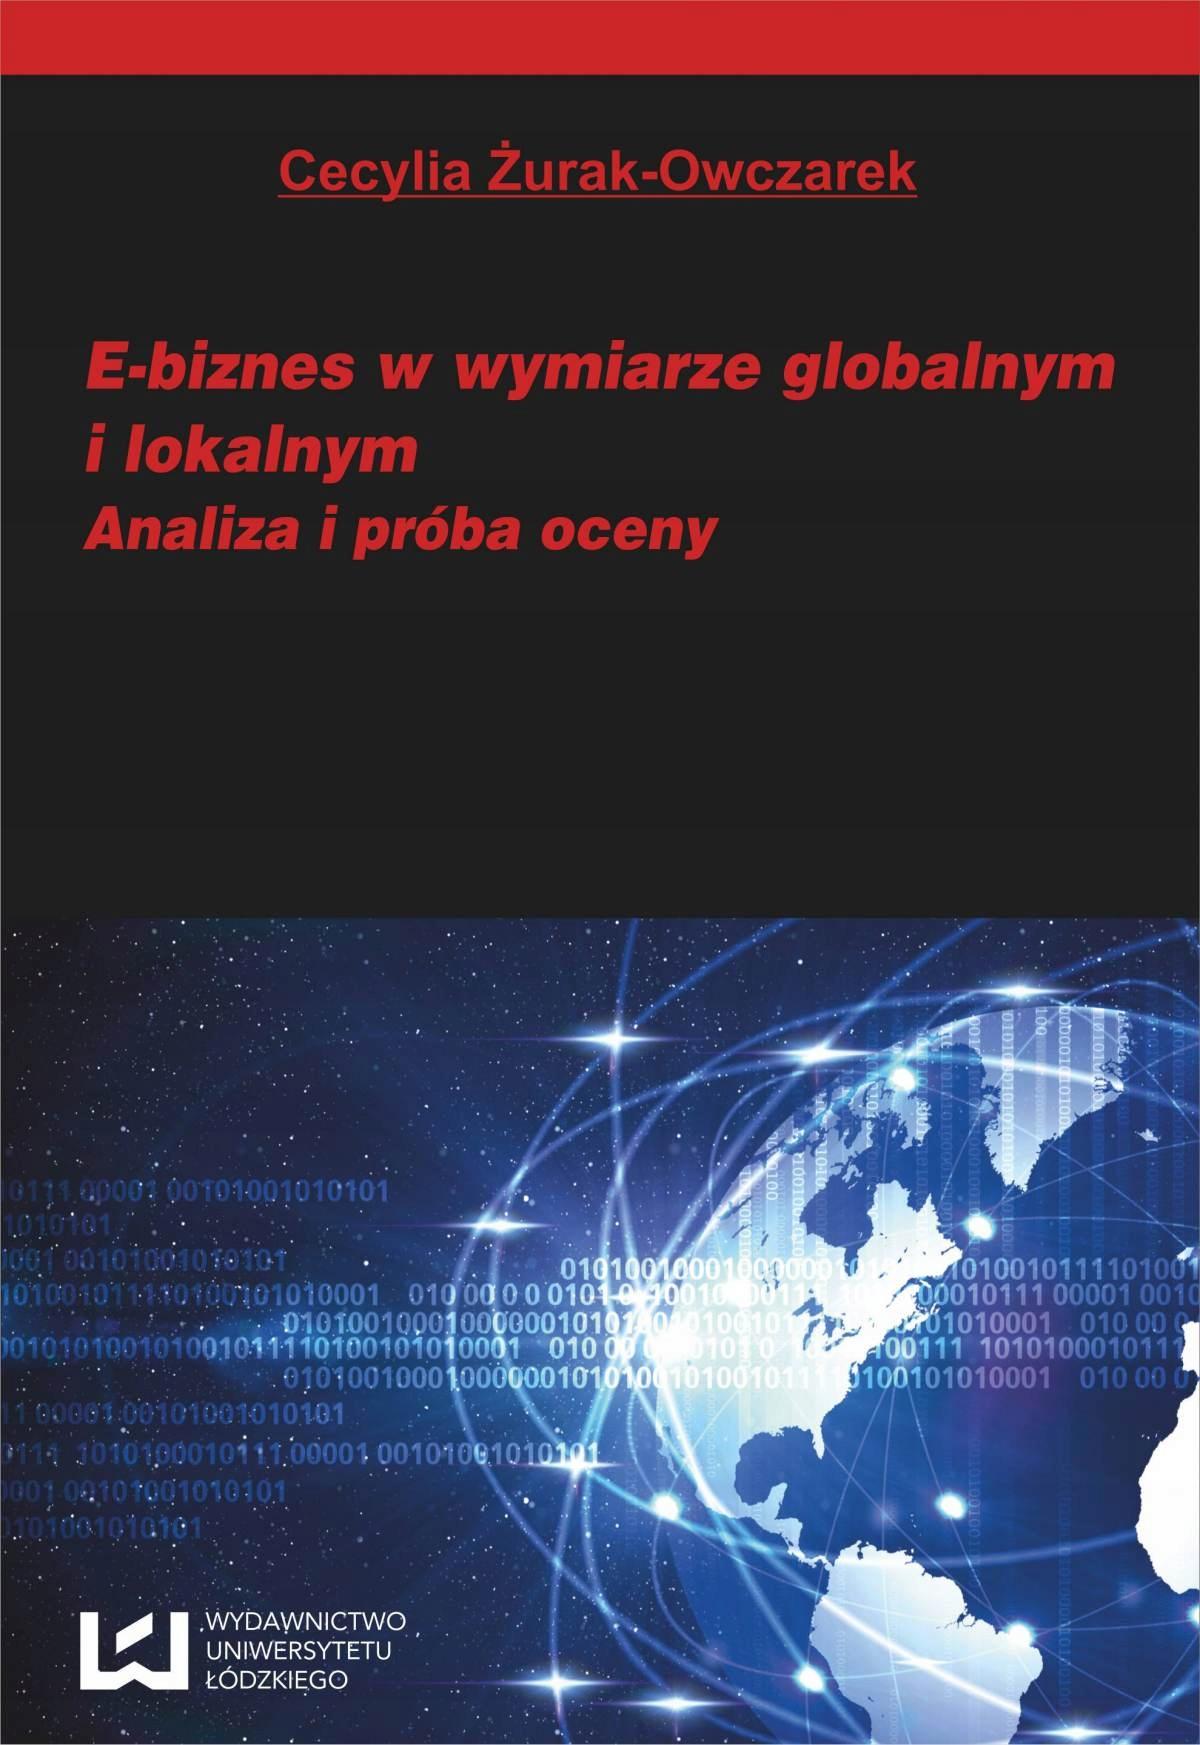 E-biznes w wymiarze... Cecylia Żurak-Owczarek